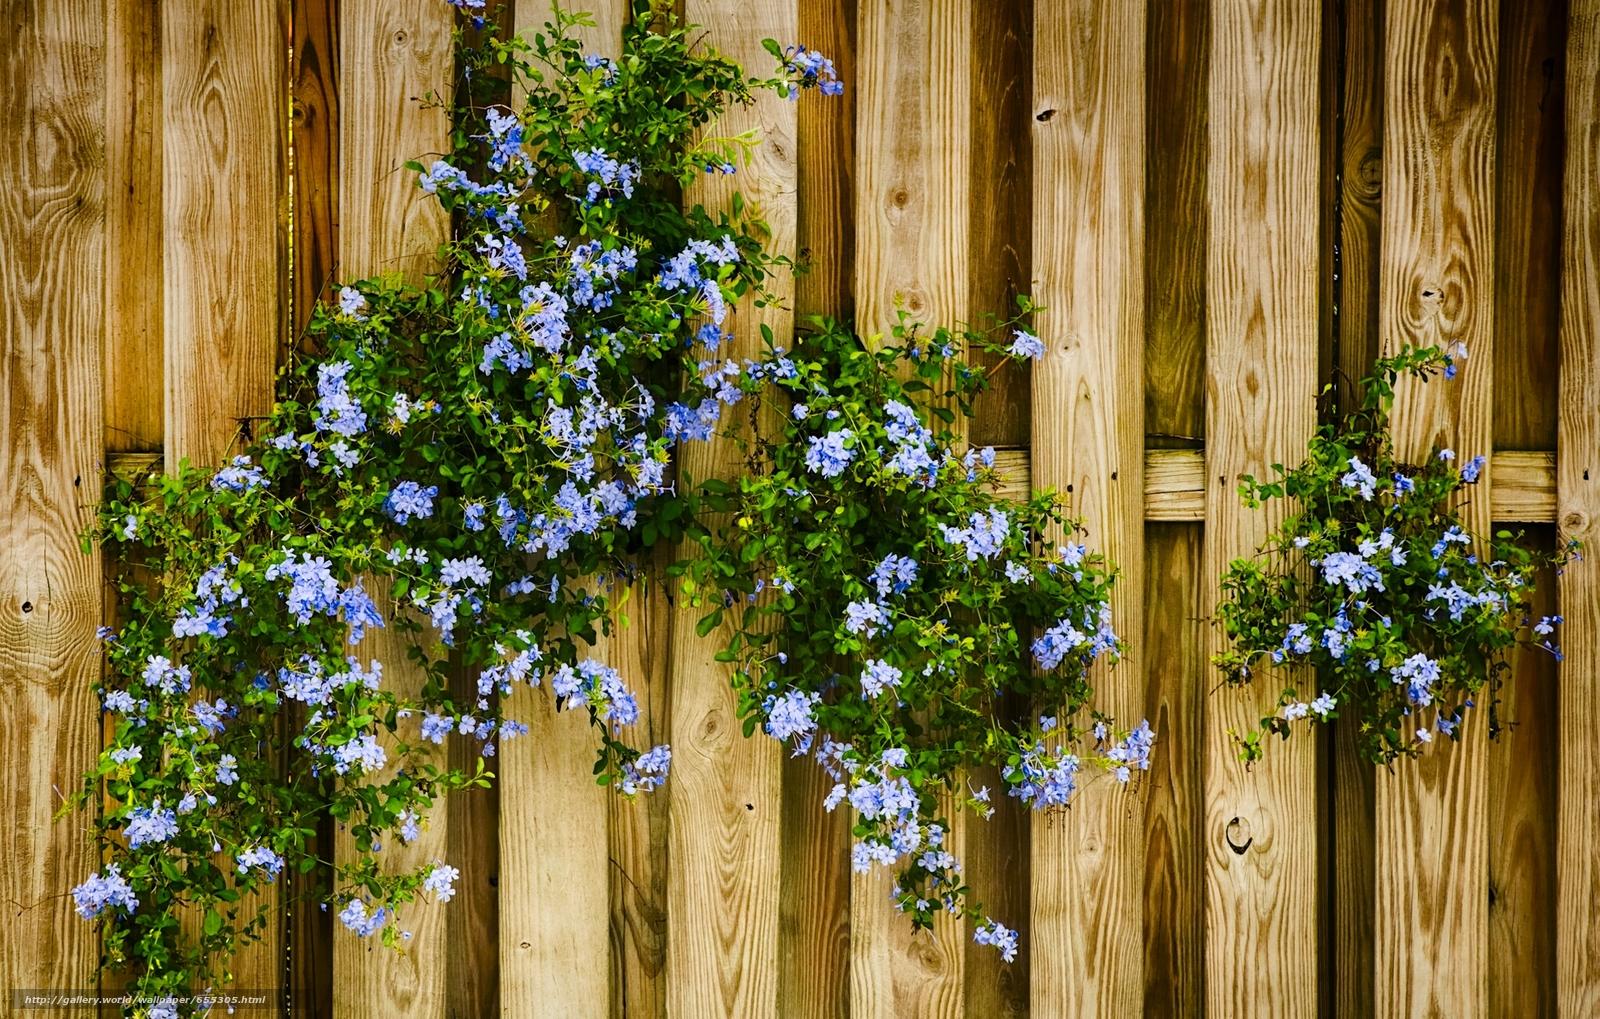 Скачать обои цветы,  голубые,  забор бесплатно для рабочего стола в разрешении 2048x1304 — картинка №655305